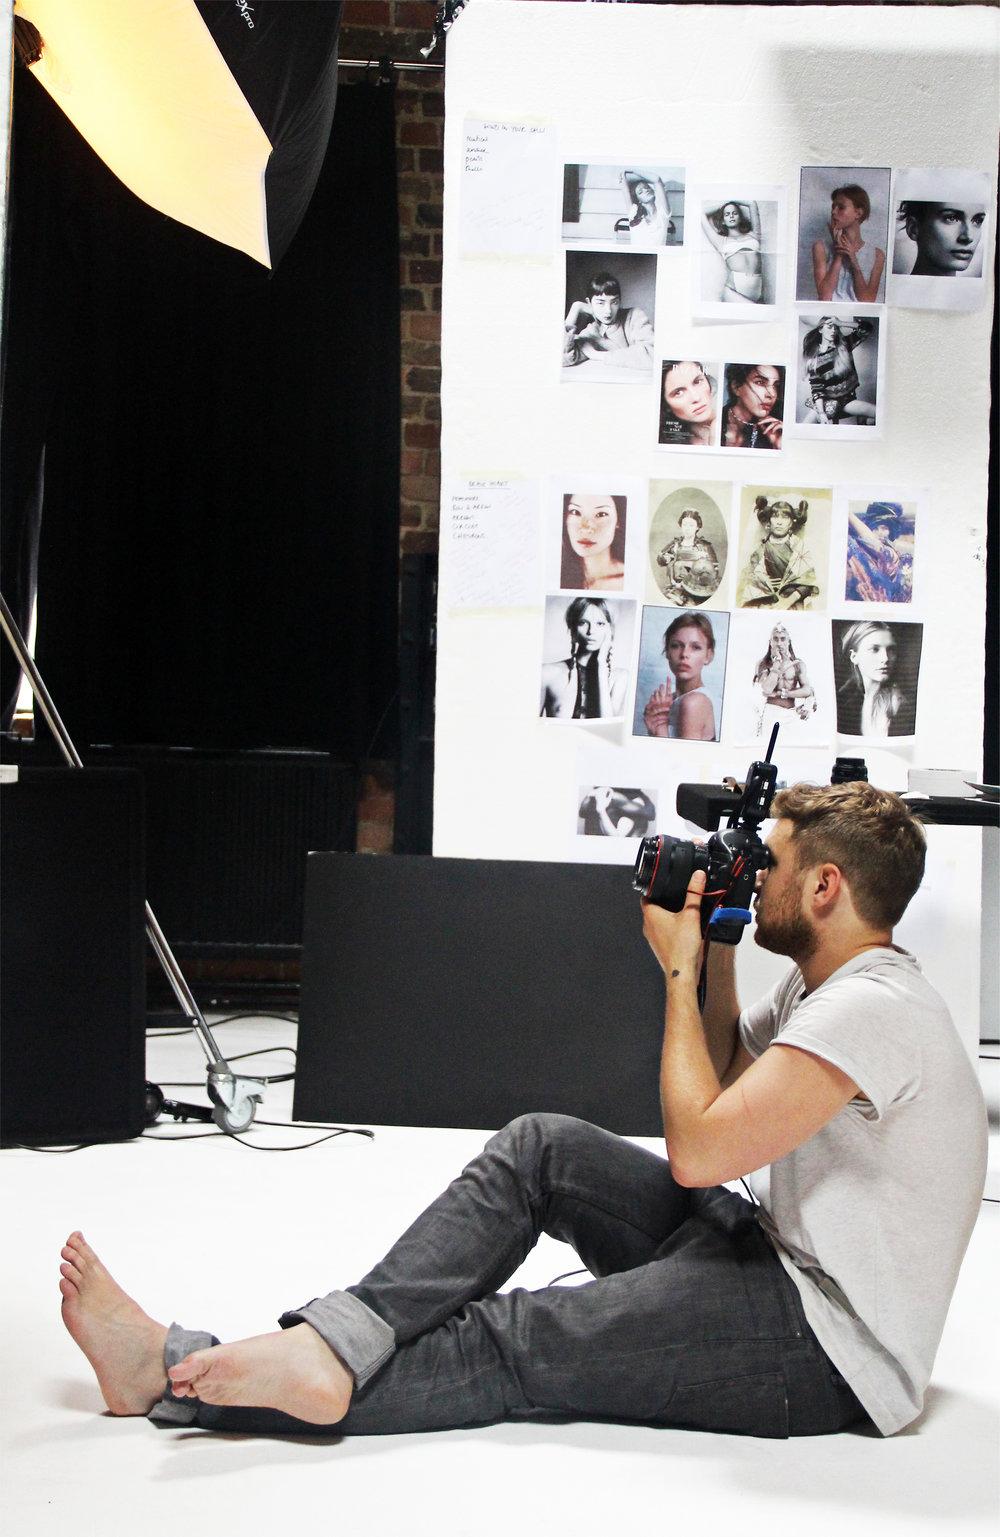 Behind the scenes Phoebe Coleman Look book shoot 9.jpg